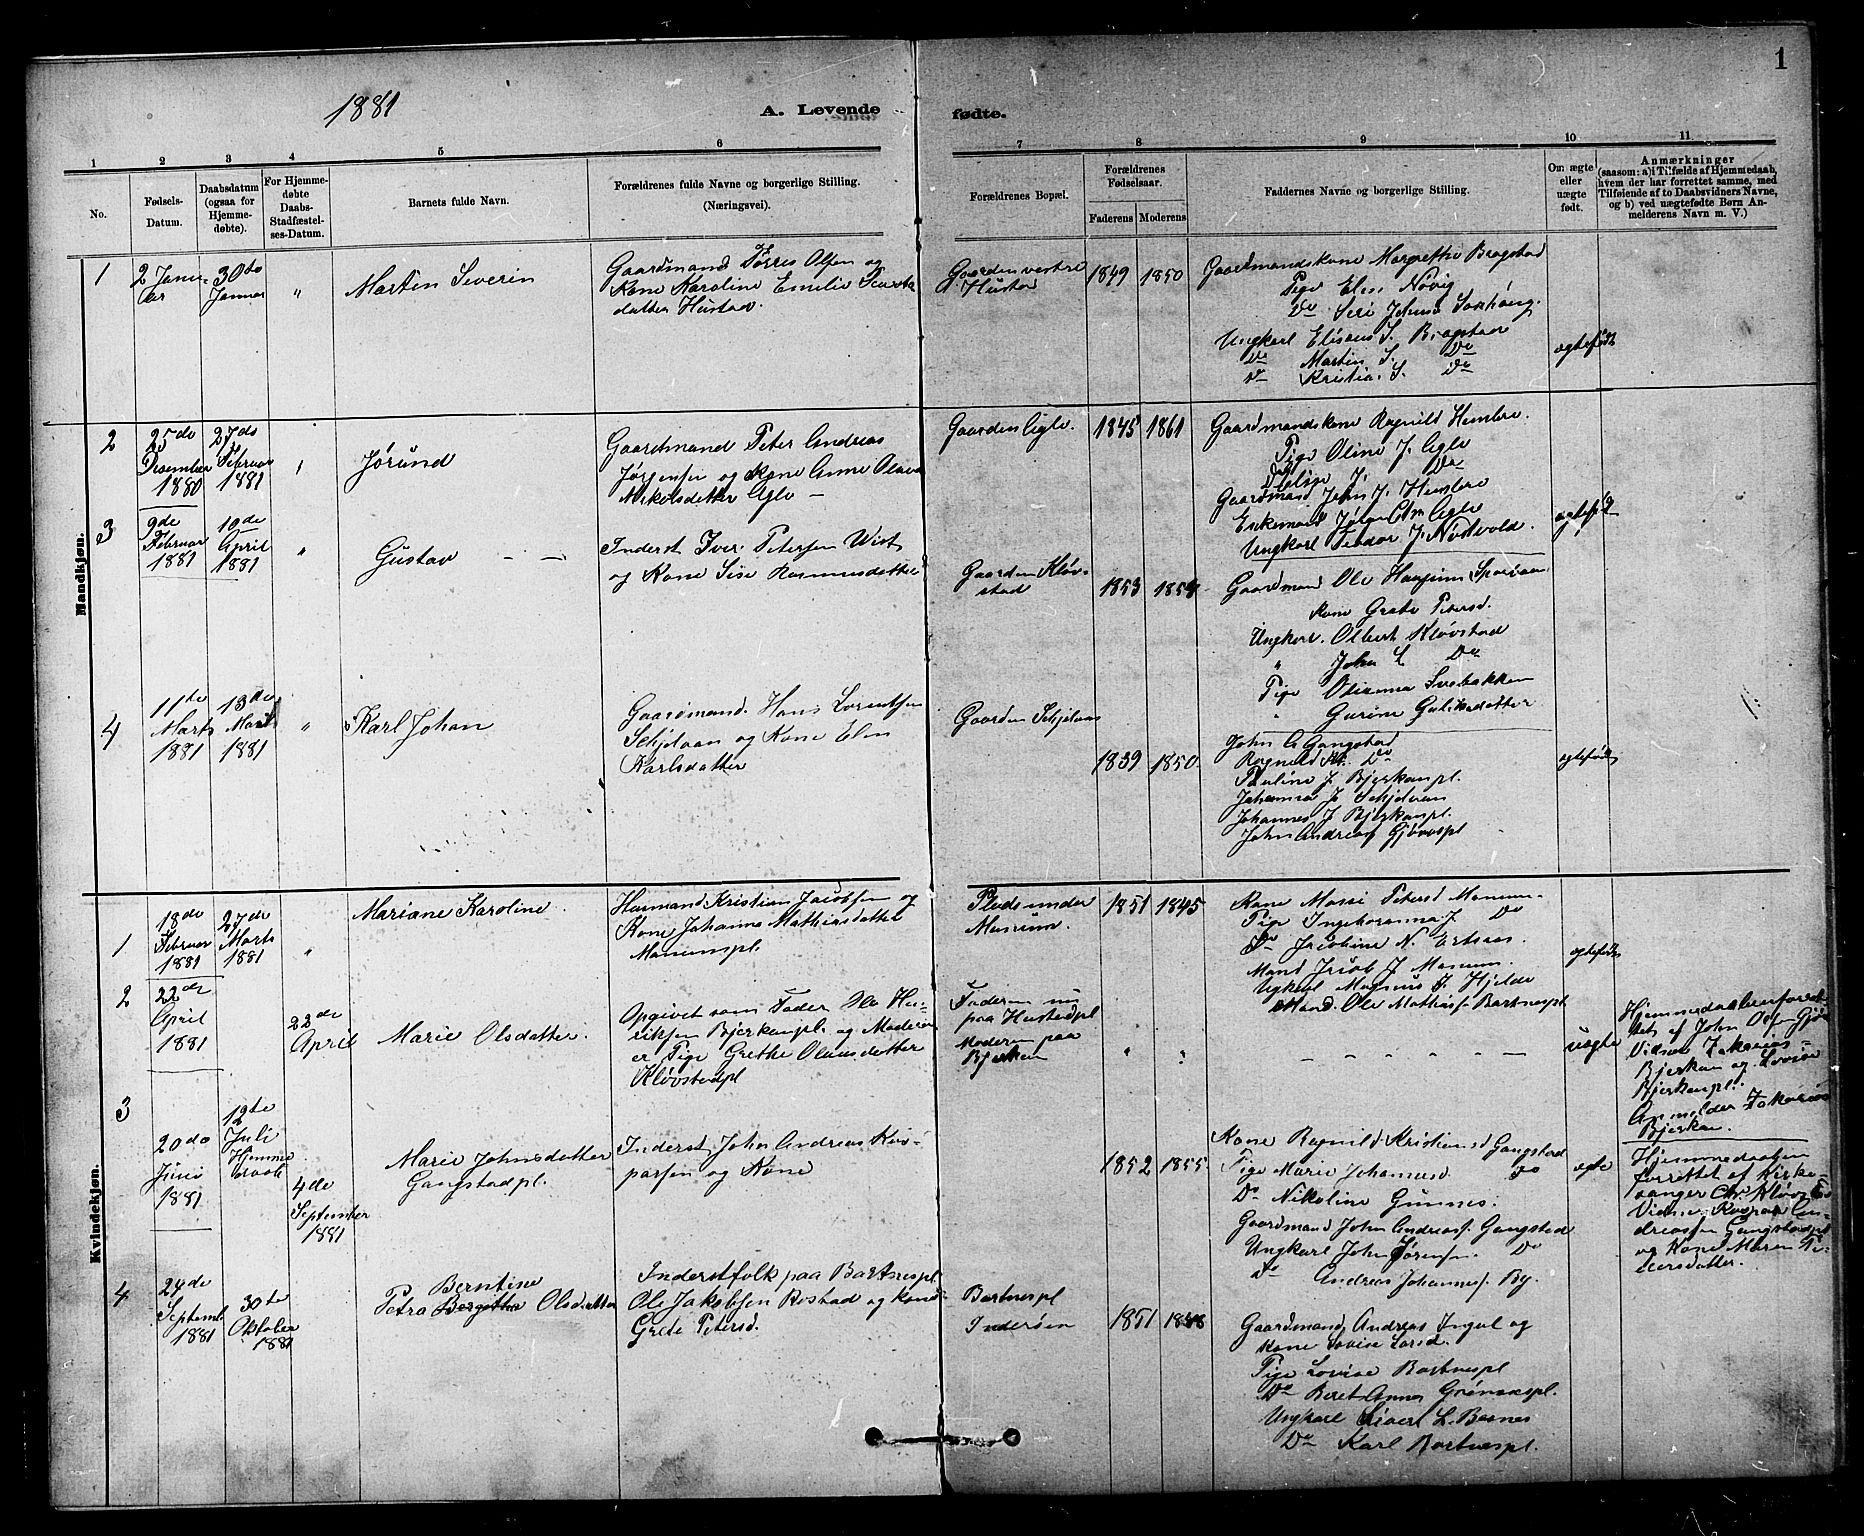 SAT, Ministerialprotokoller, klokkerbøker og fødselsregistre - Nord-Trøndelag, 732/L0318: Klokkerbok nr. 732C02, 1881-1911, s. 1